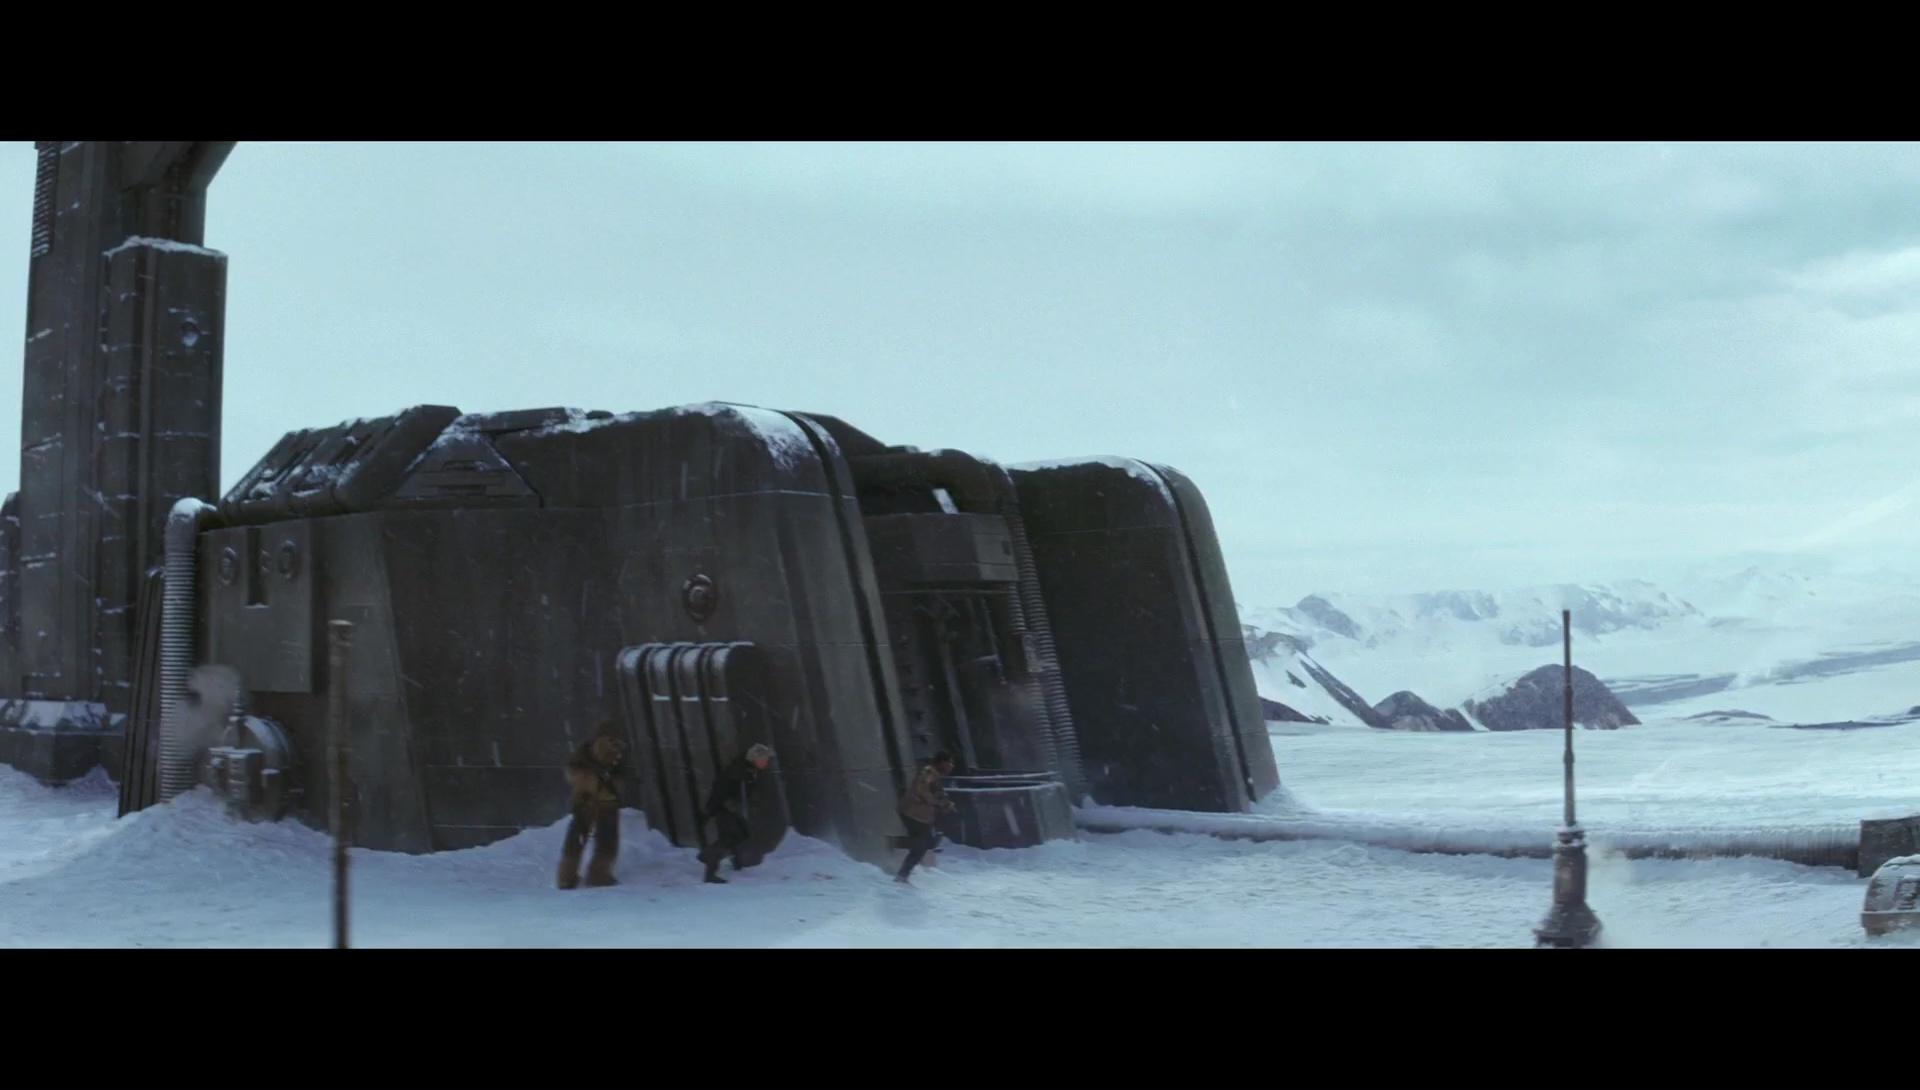 Star Wars Episodio VII El Despertar De La Fuerza 1080p Lat-Cast-Ing 5.1 (2015)